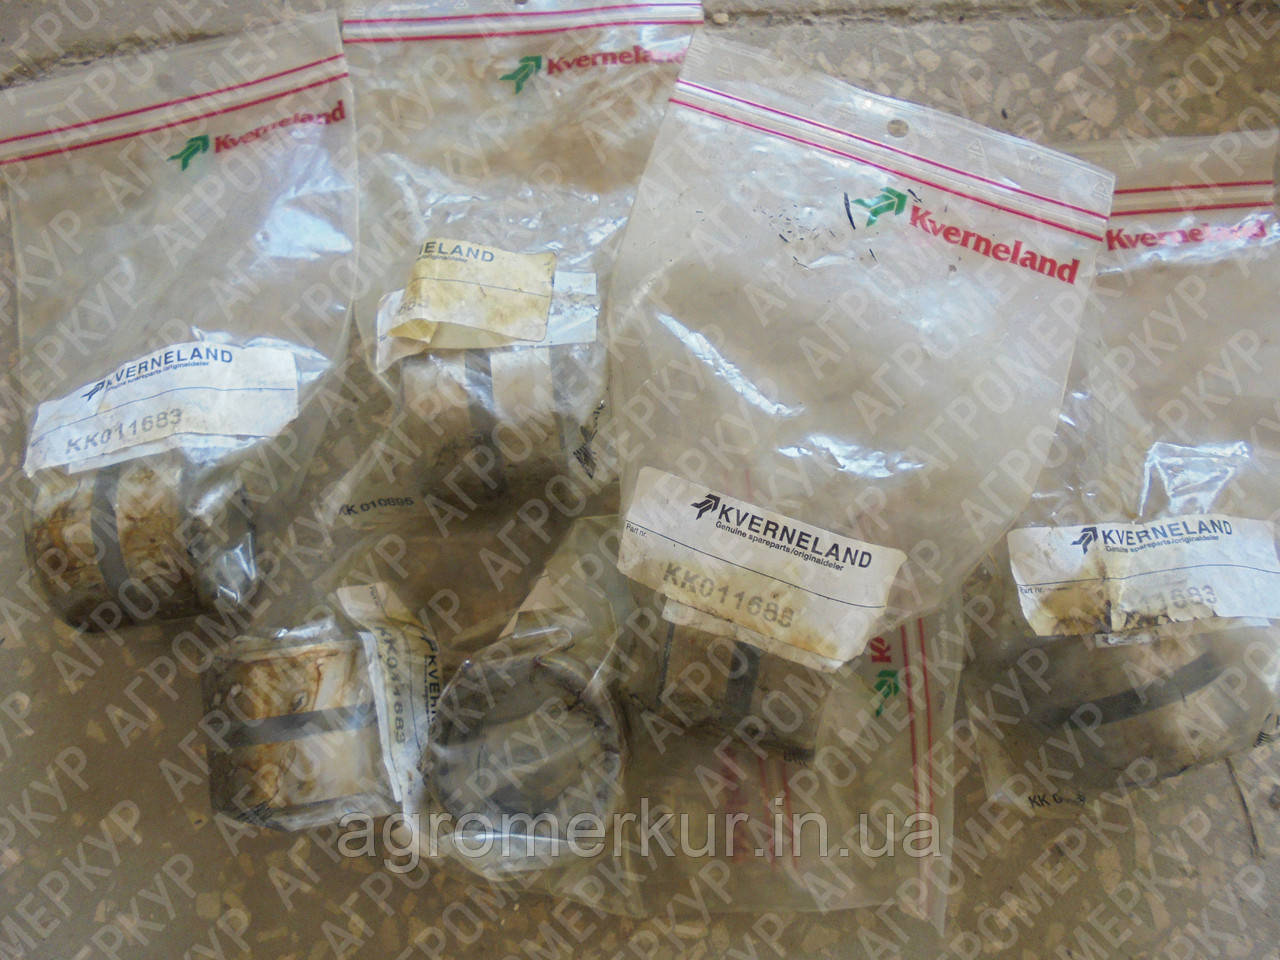 Втулка металева KK011683 Kverneland 40X50X40